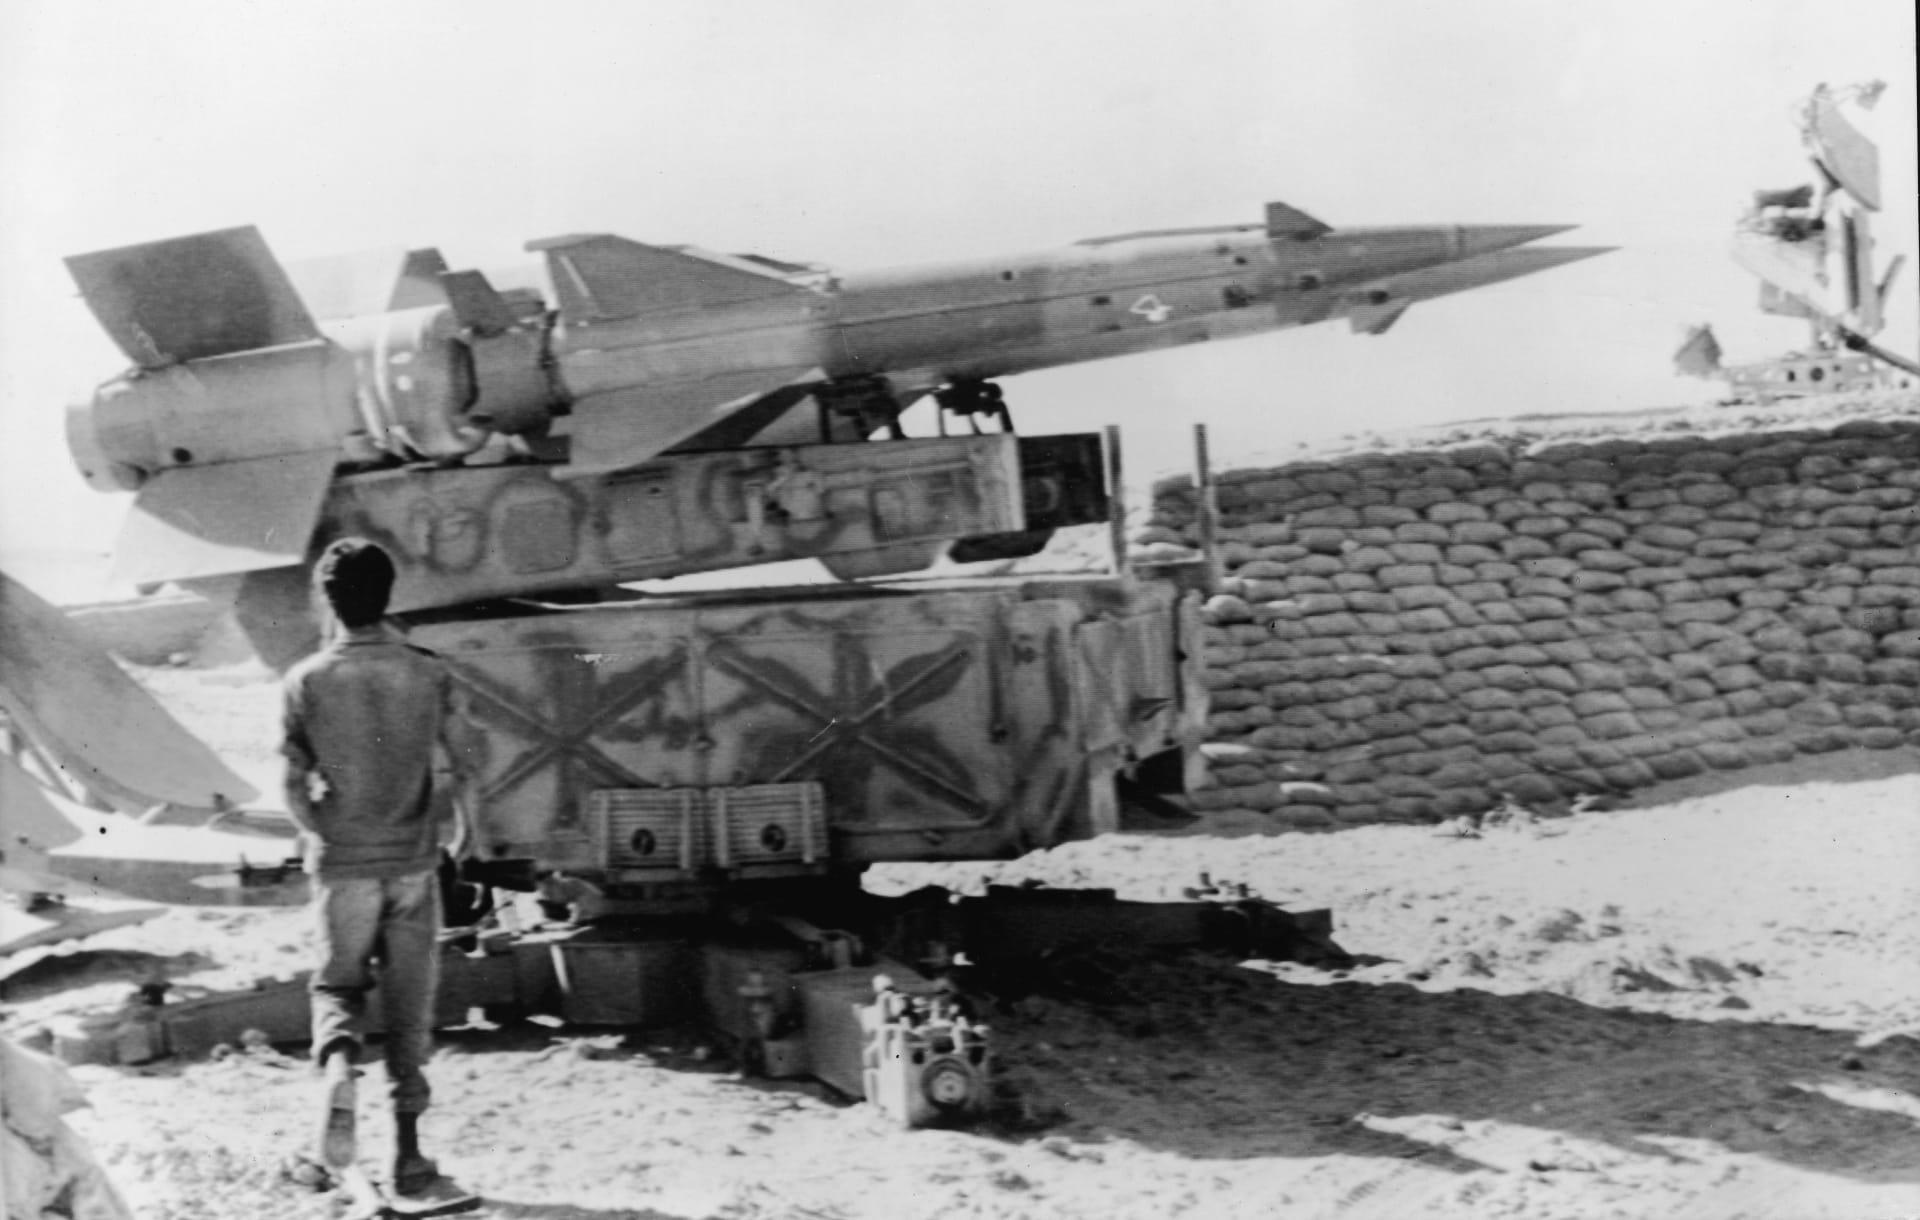 جندي إسرائيلي يقف عند منصة صواريخ سام مصرية في حرب 1973